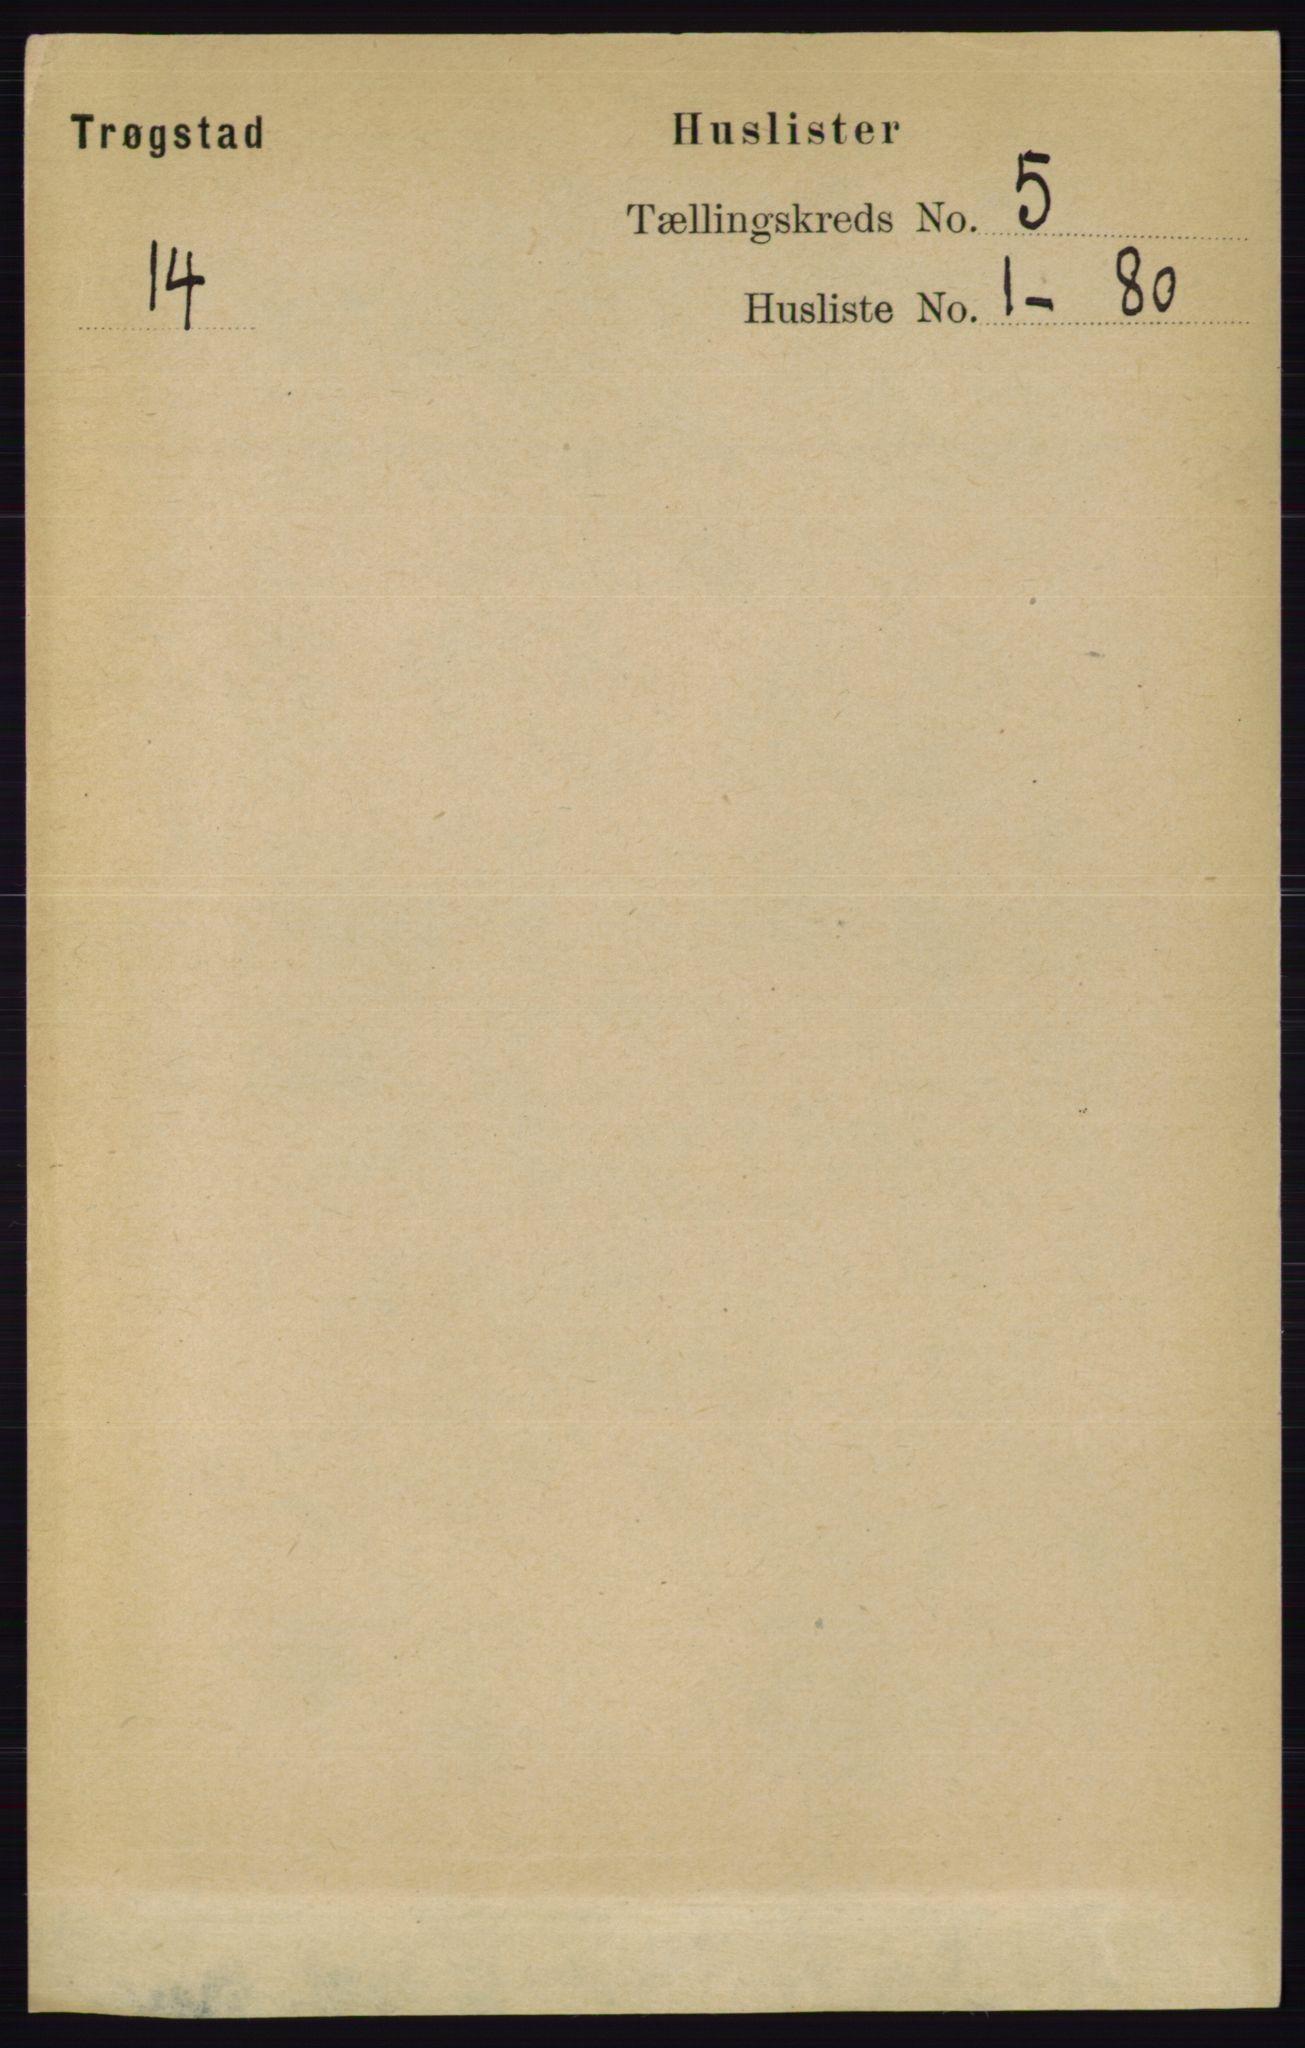 RA, Folketelling 1891 for 0122 Trøgstad herred, 1891, s. 1943